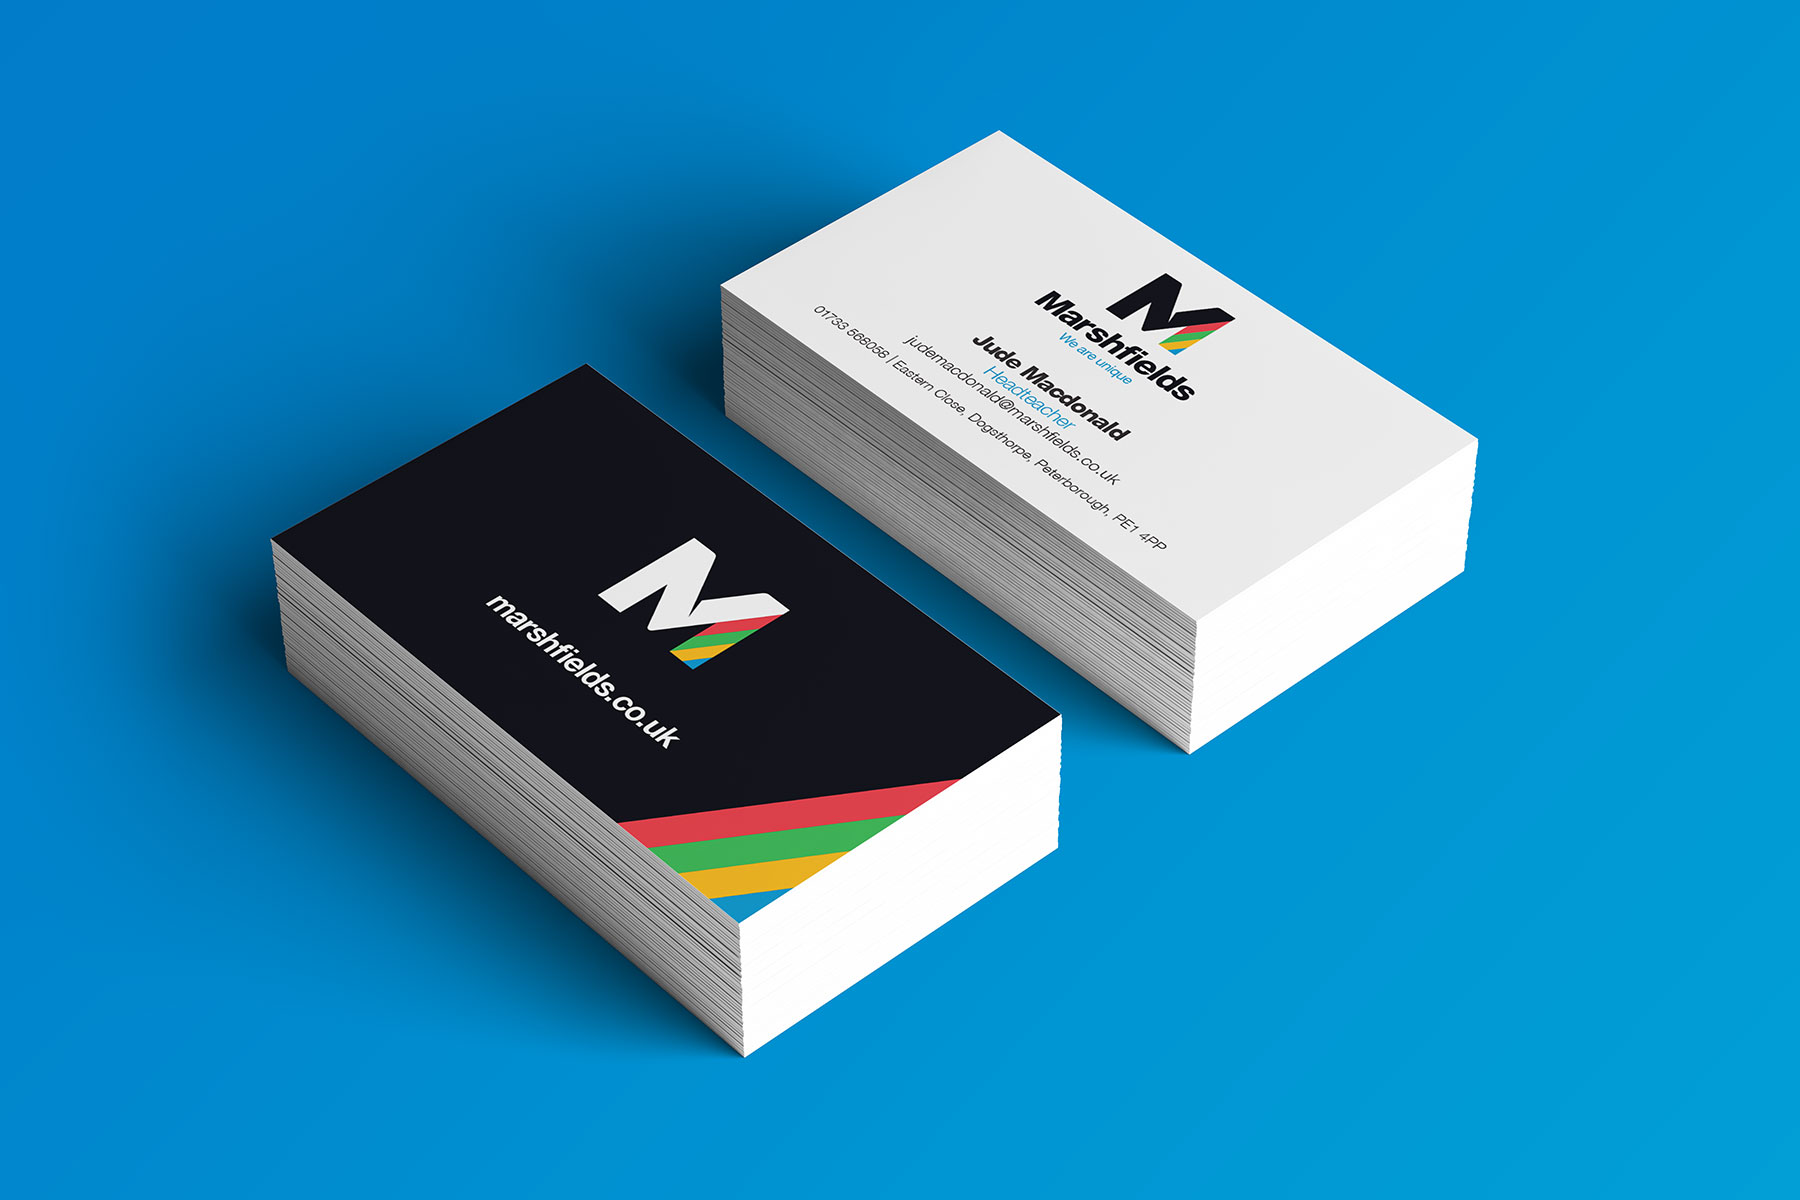 Business cards for Marshfields branding